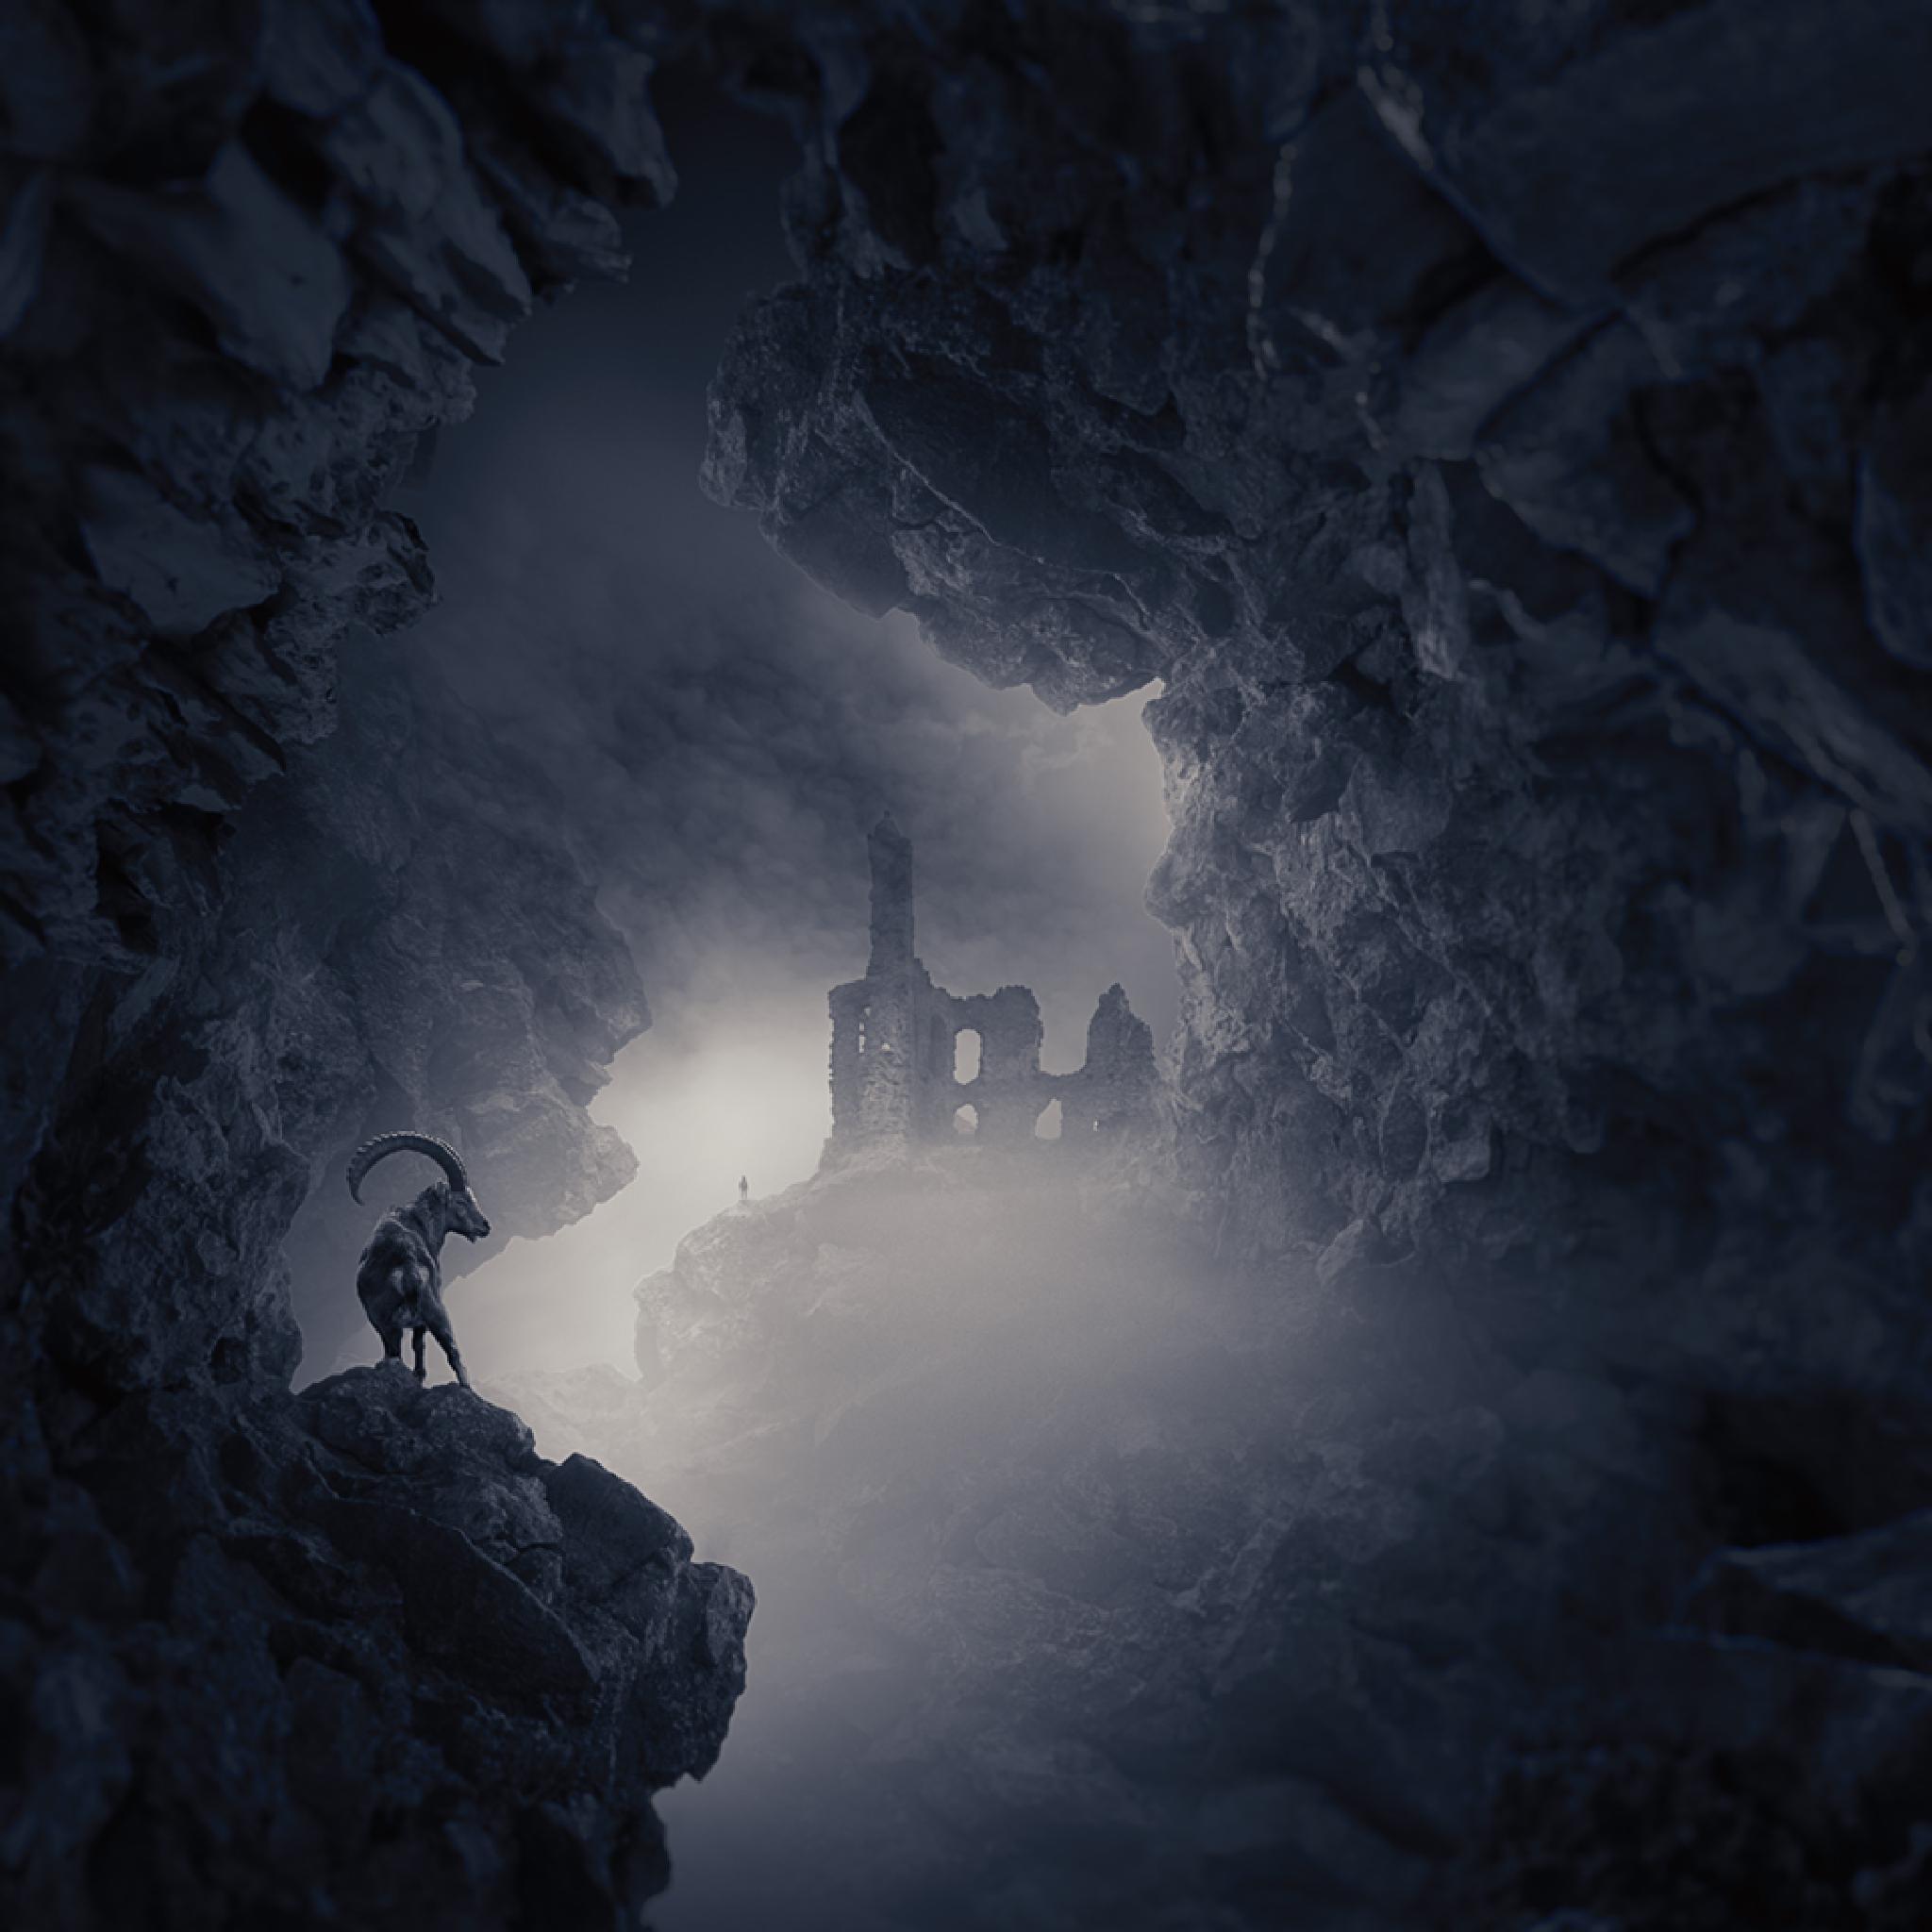 The Lost Kingdom by Martin Smolak